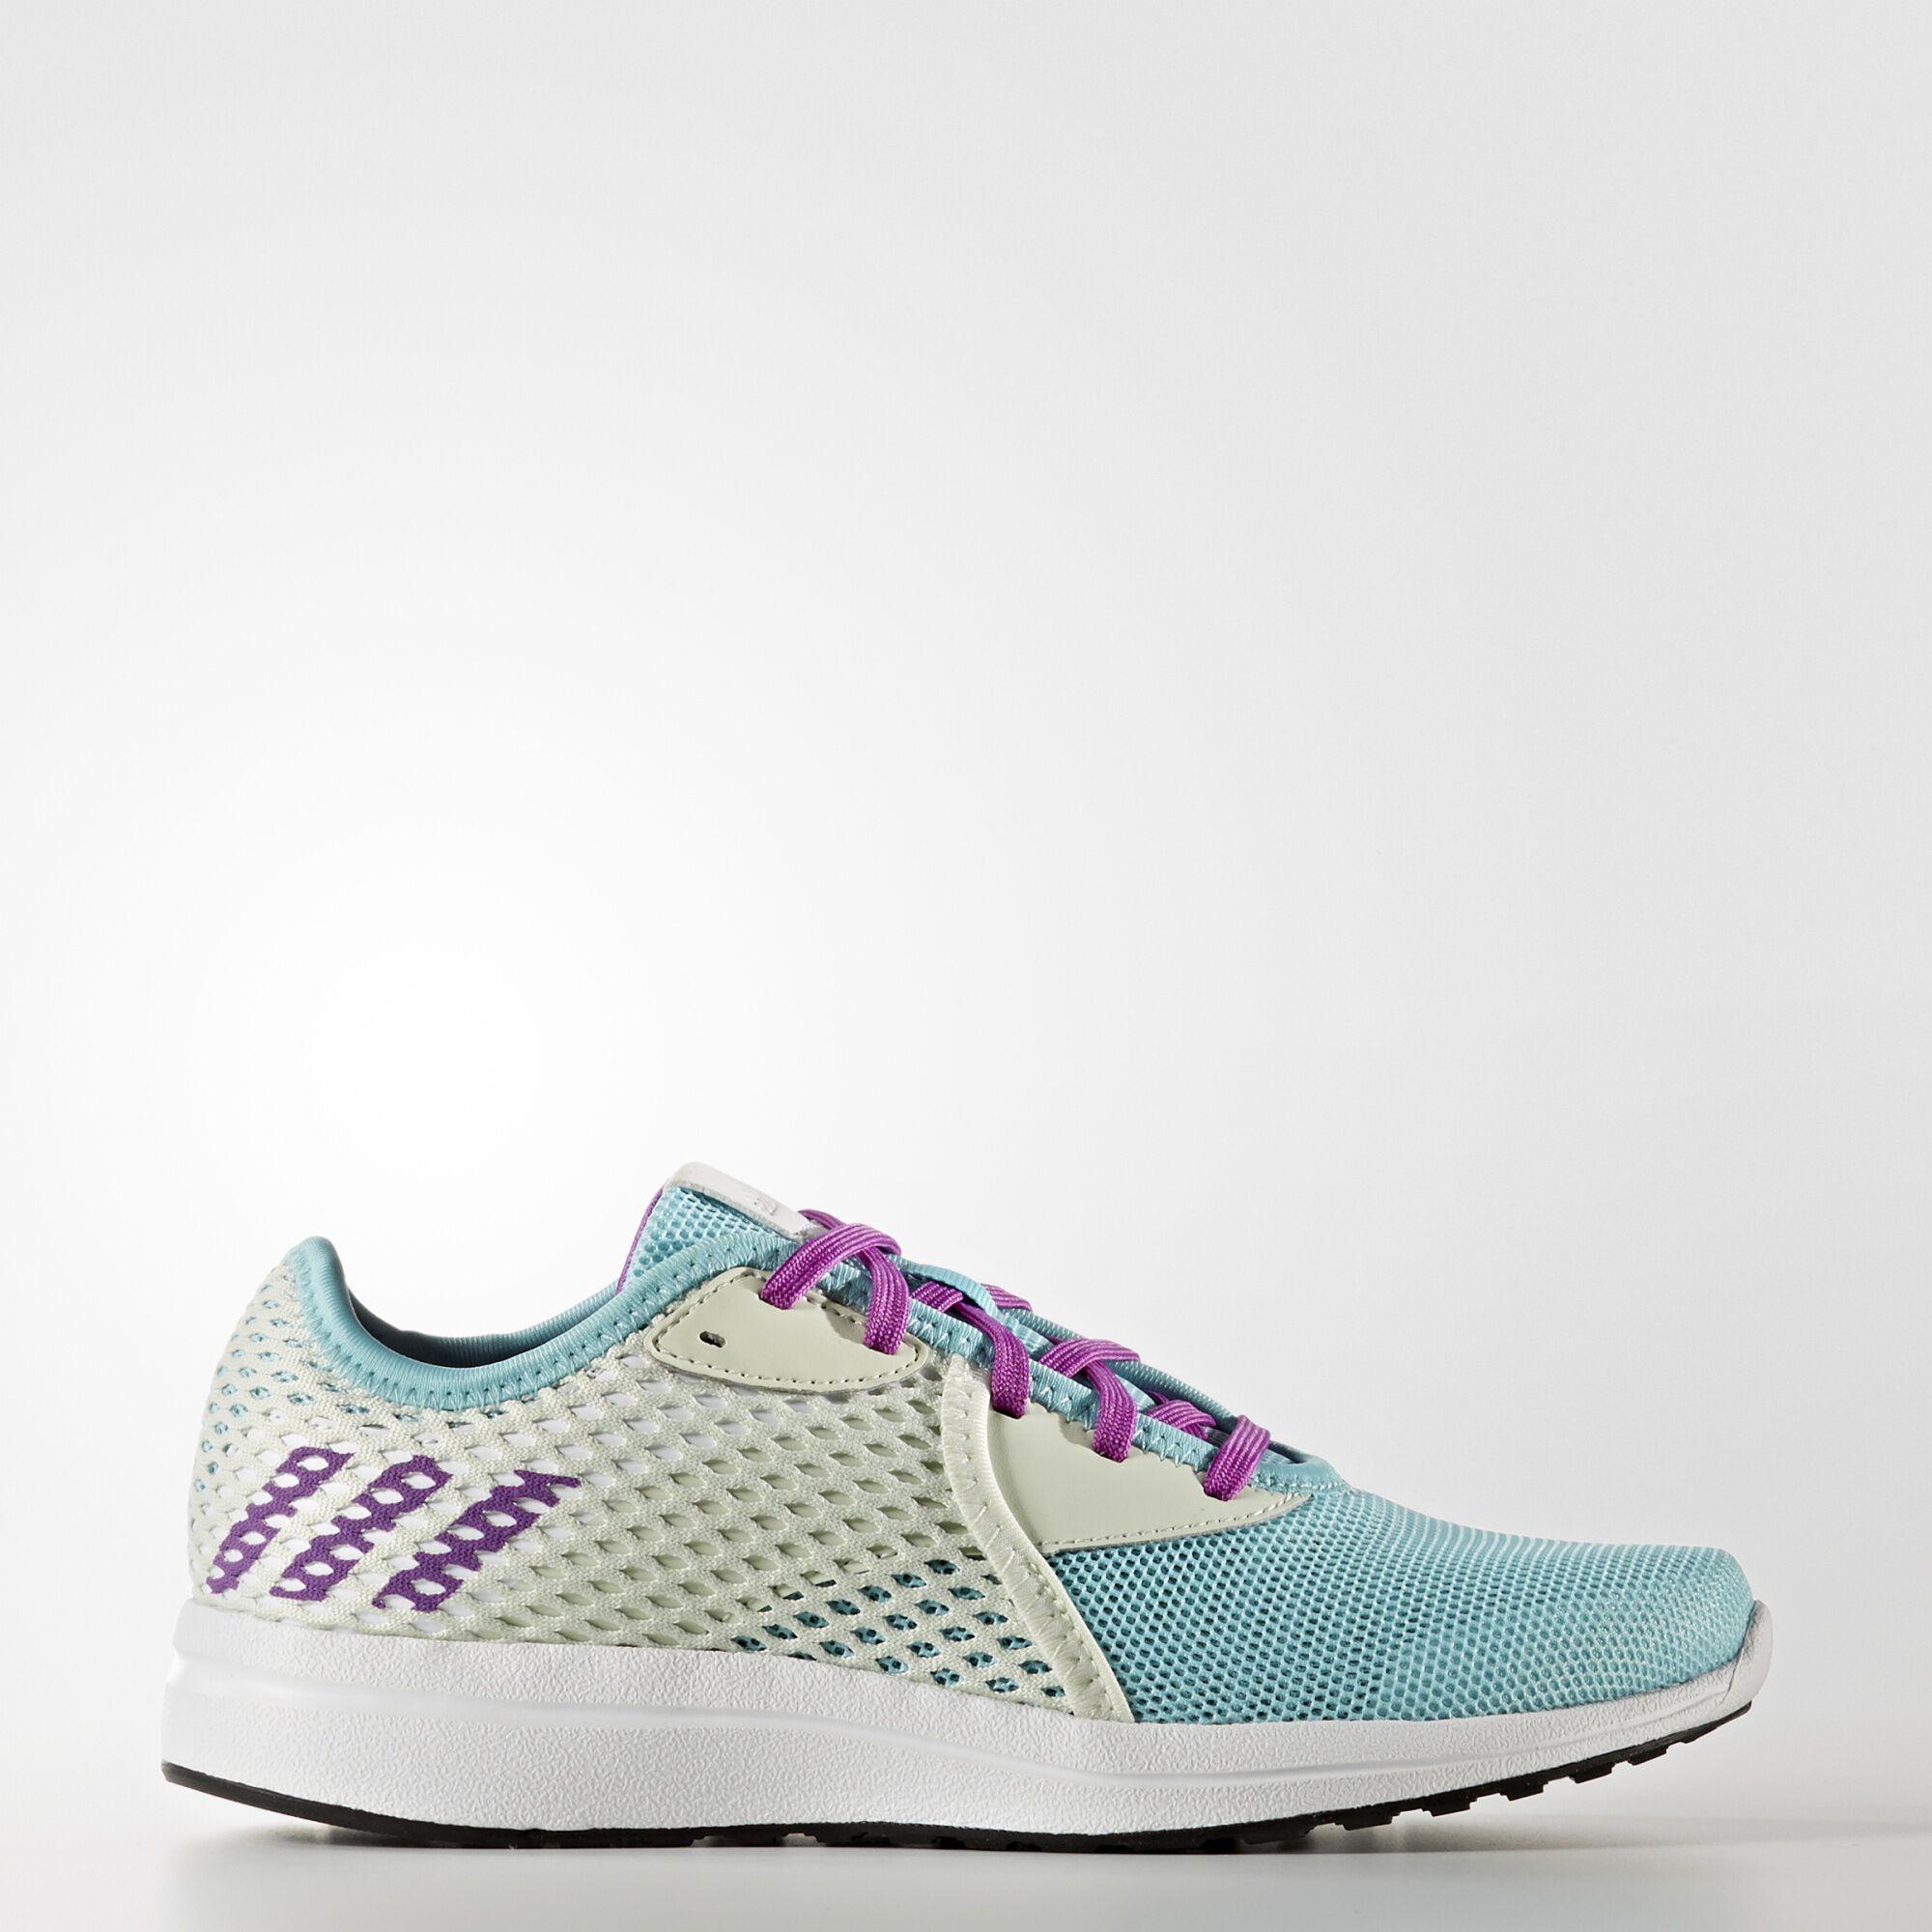 adidas zapatillas niñas 2017